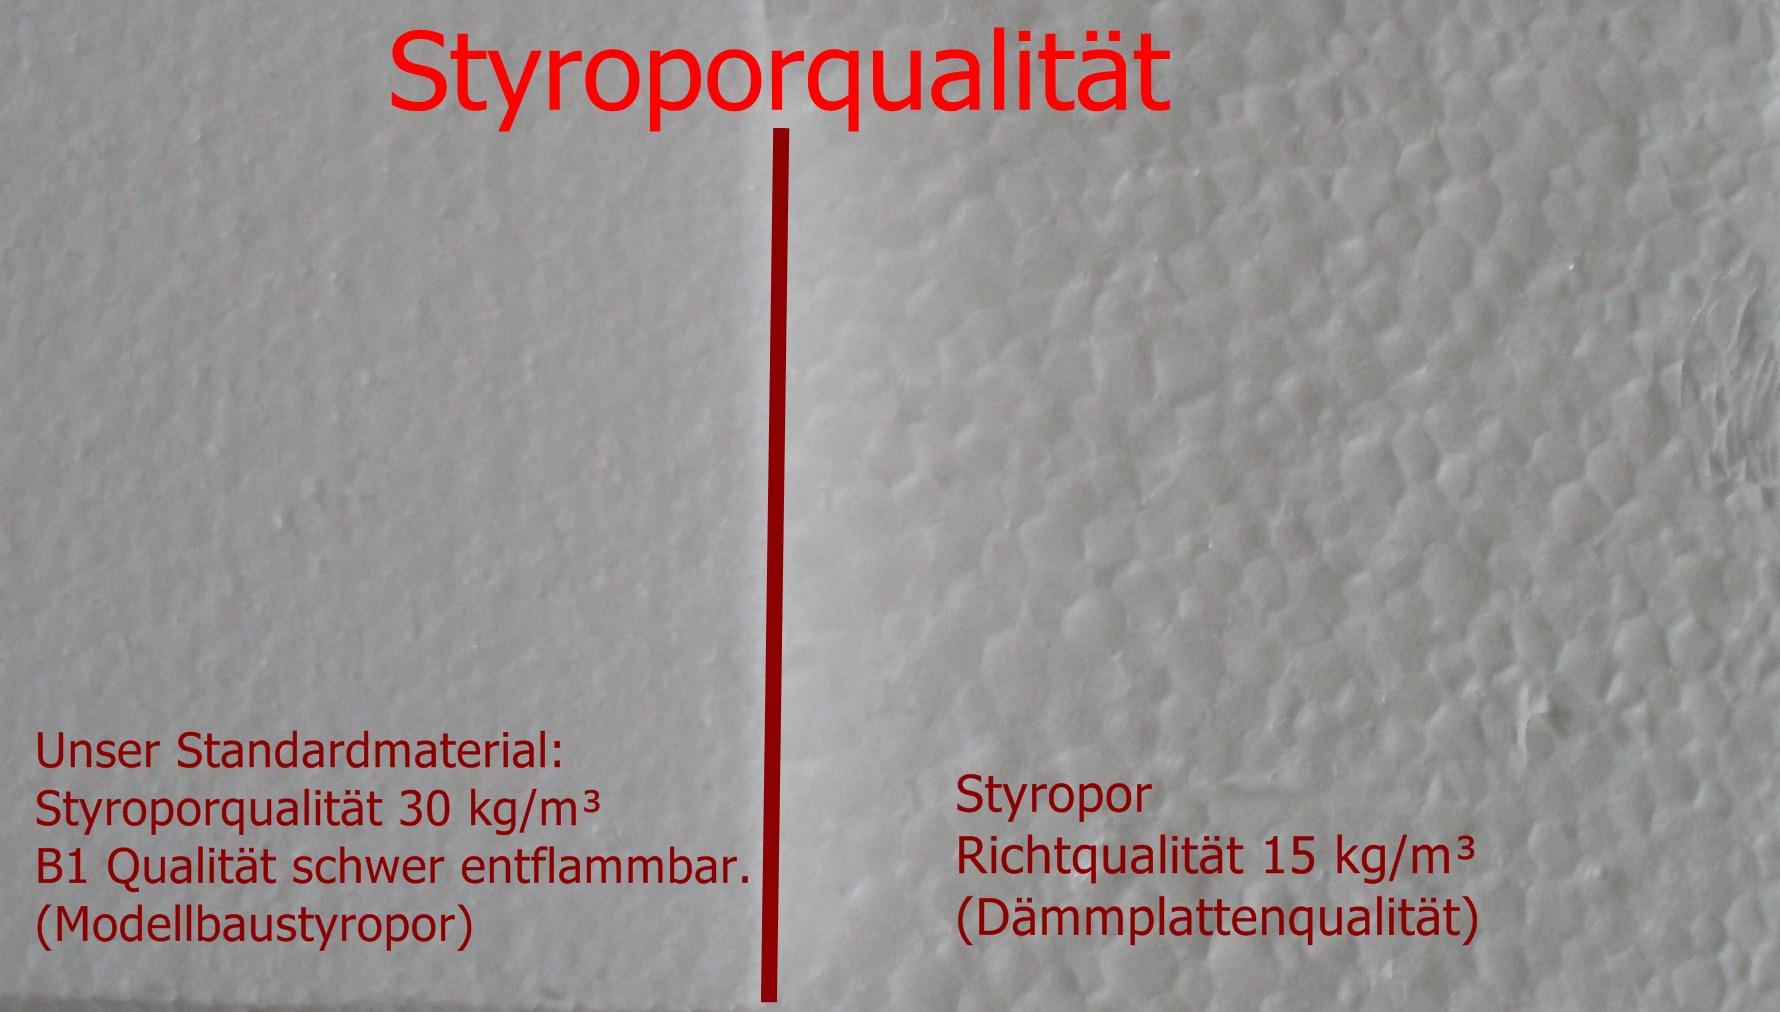 Styroporqualitat-im-Vergleich